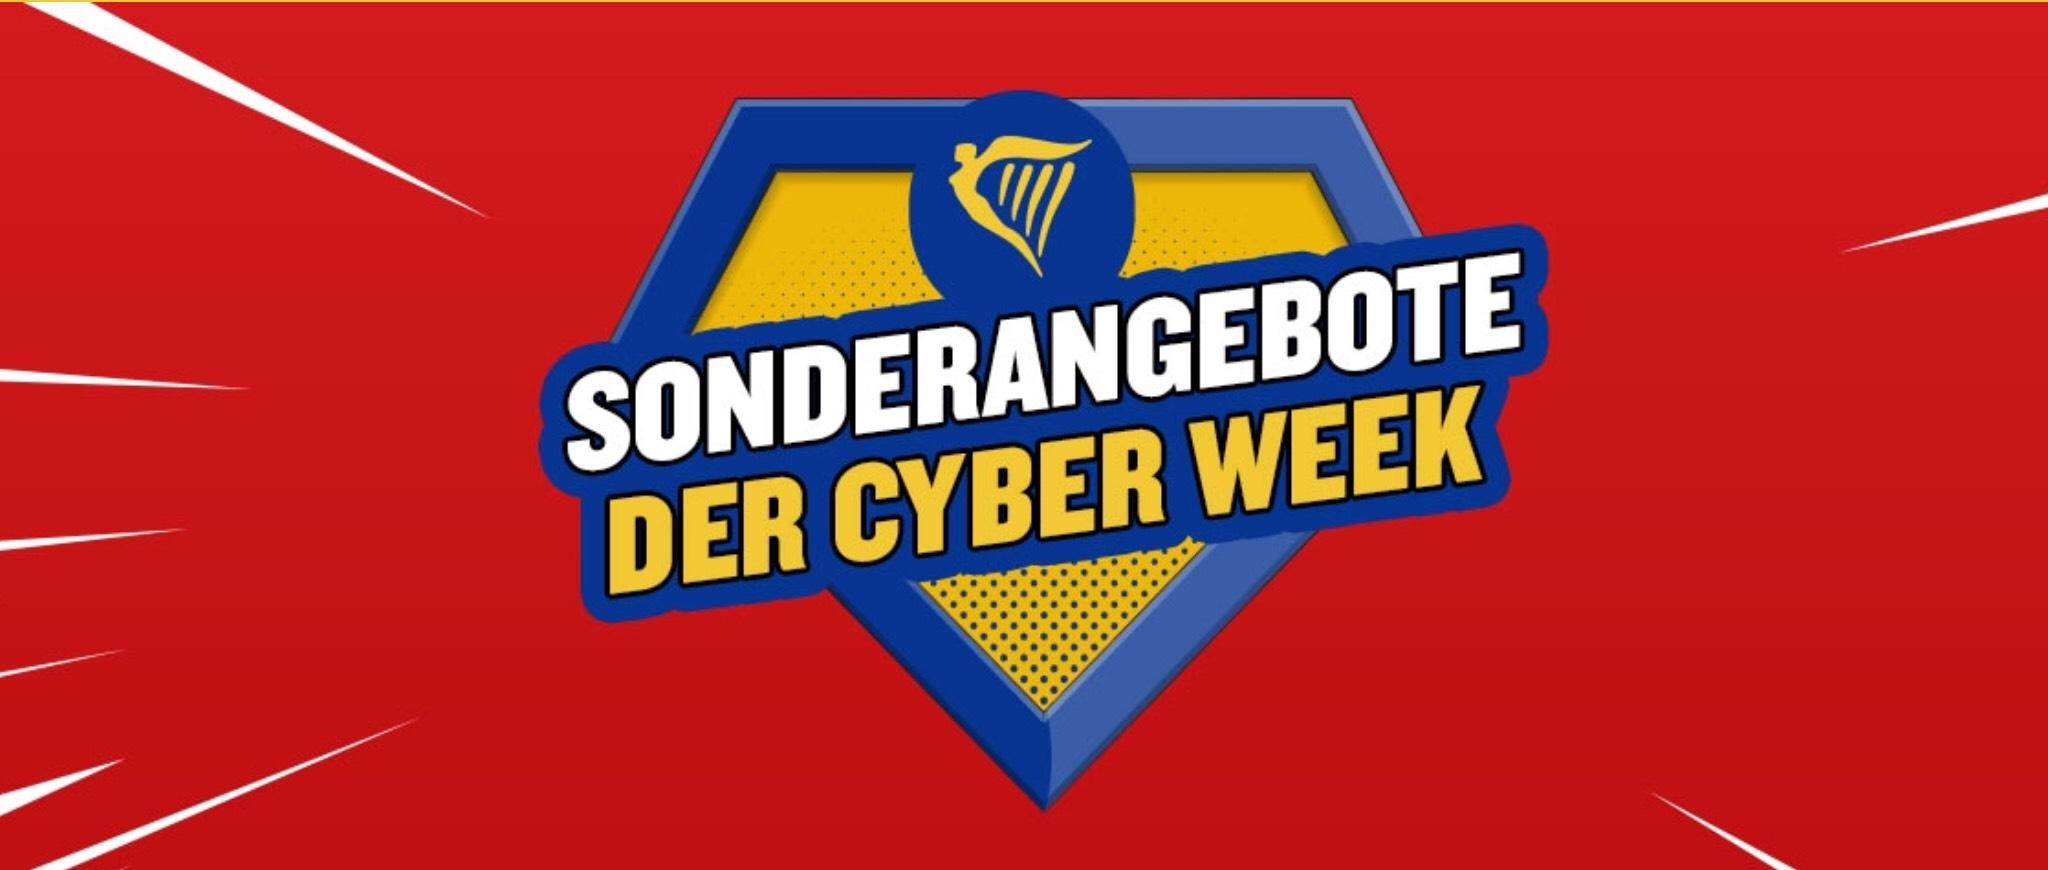 Ryanair Cyber Week - Teil 1 - jeden Tag neue Angebote und Rabatte